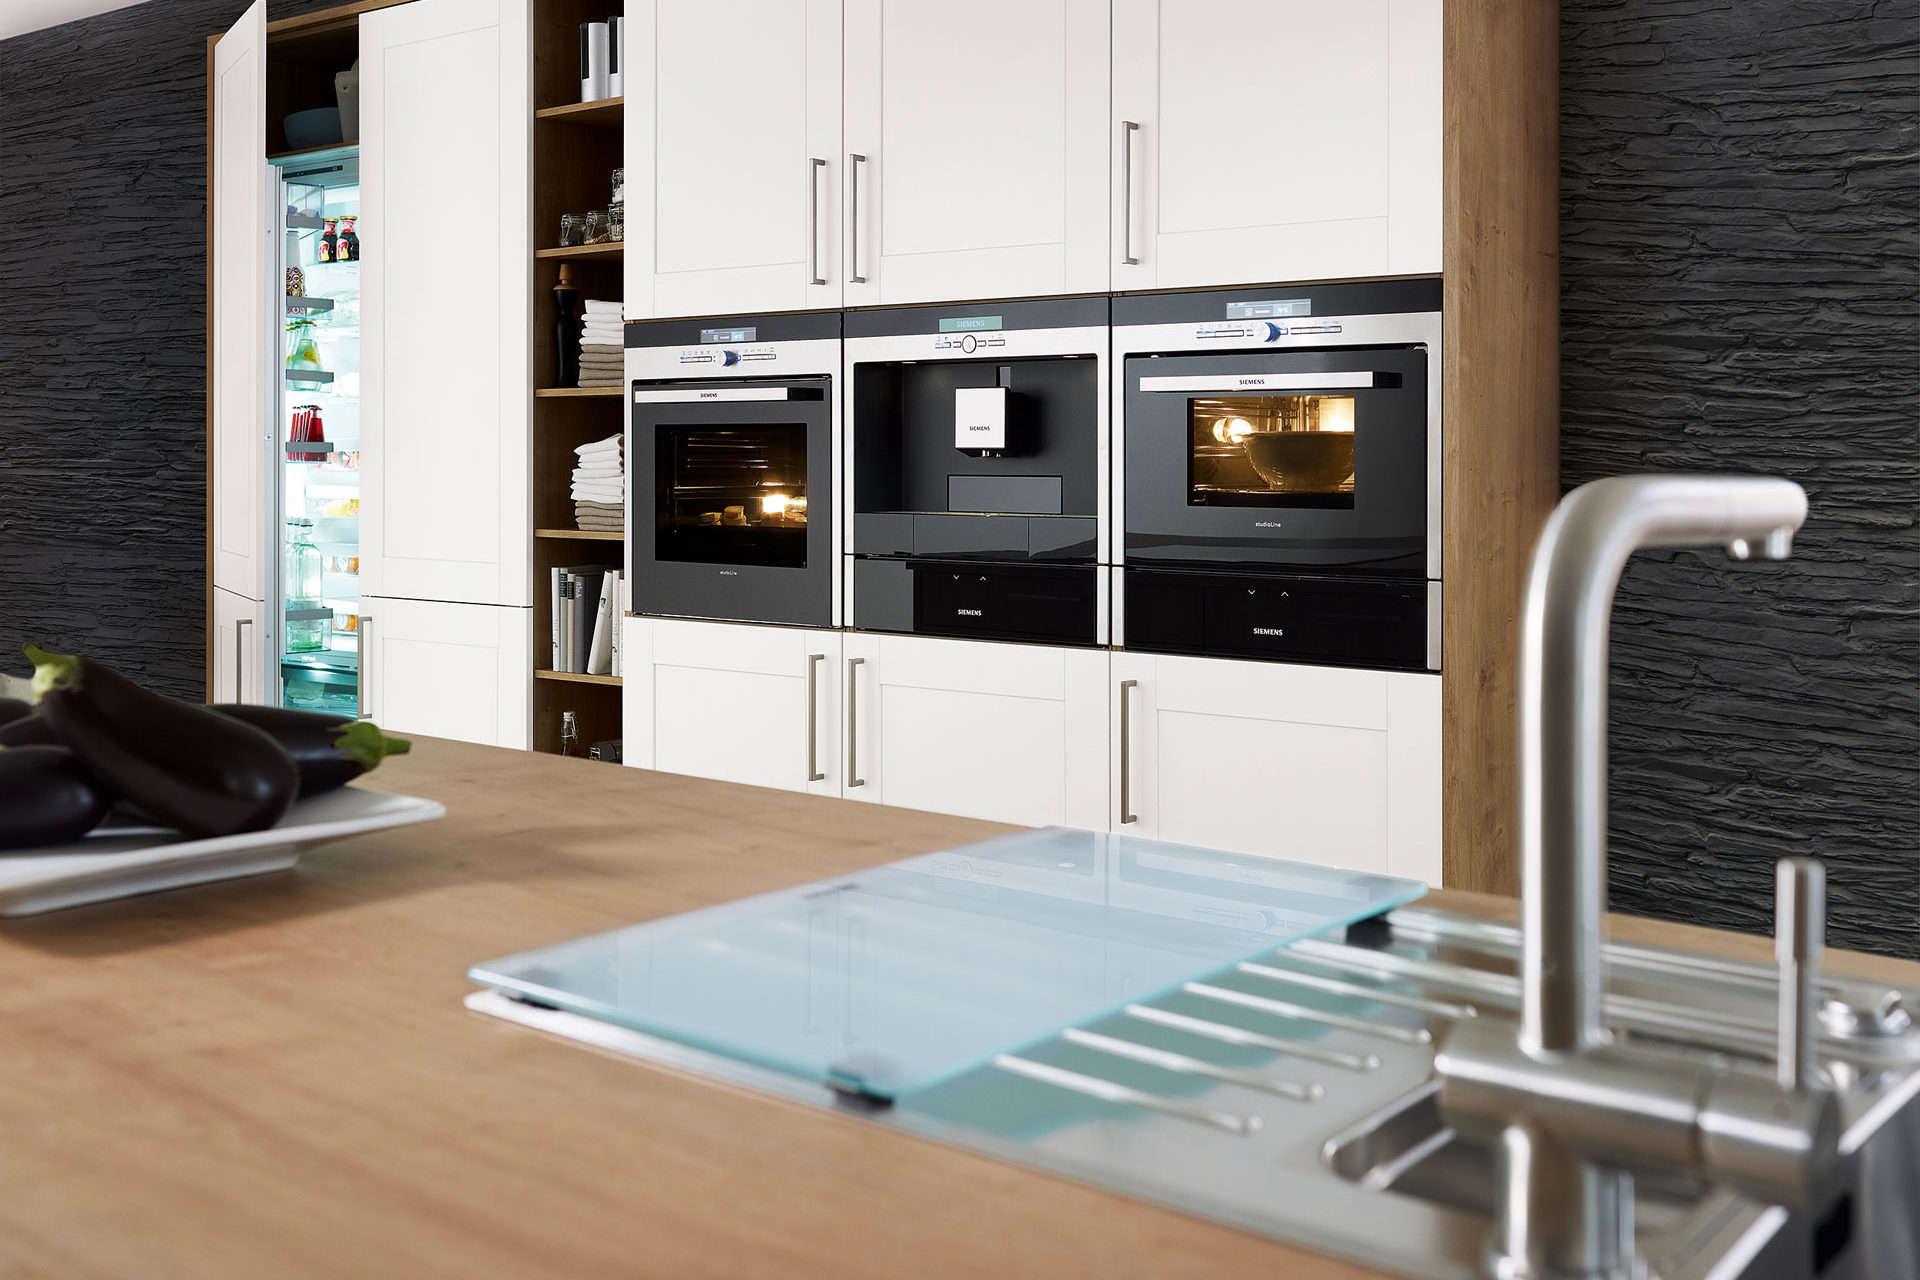 Full Size of Küche Selber Planen Und Bauen Wie Kann Ich Meine Küche Selber Planen Küche Selber Planen Online Kostenlos Küche Selber Planen Ikea Küche Küche Selber Planen